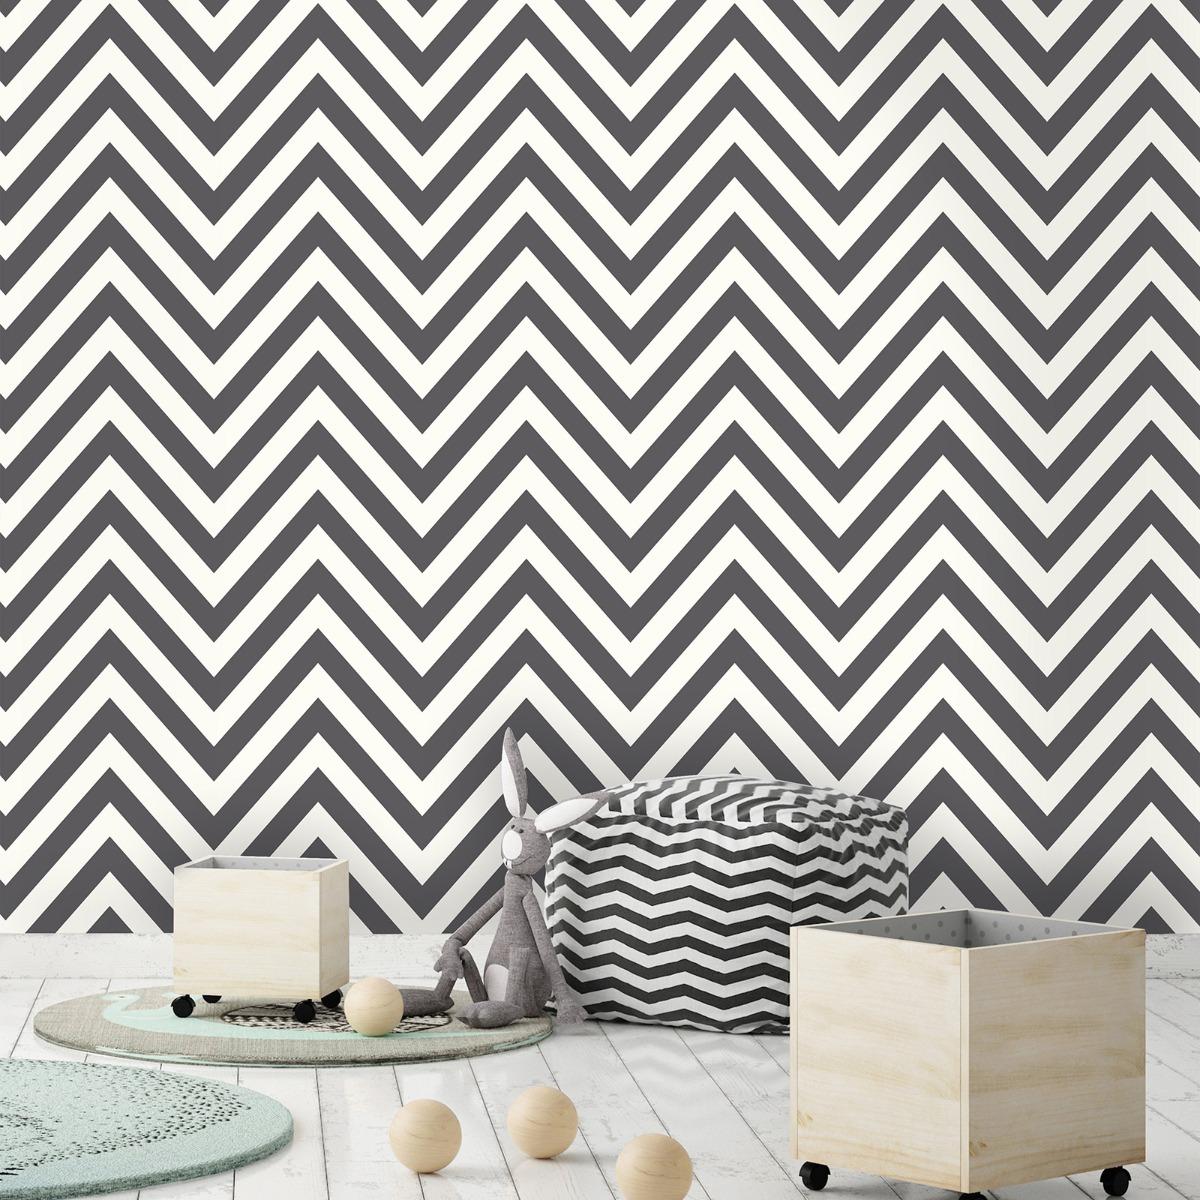 Chevron Zig Zag Wallpaper Black / White Holden 12574